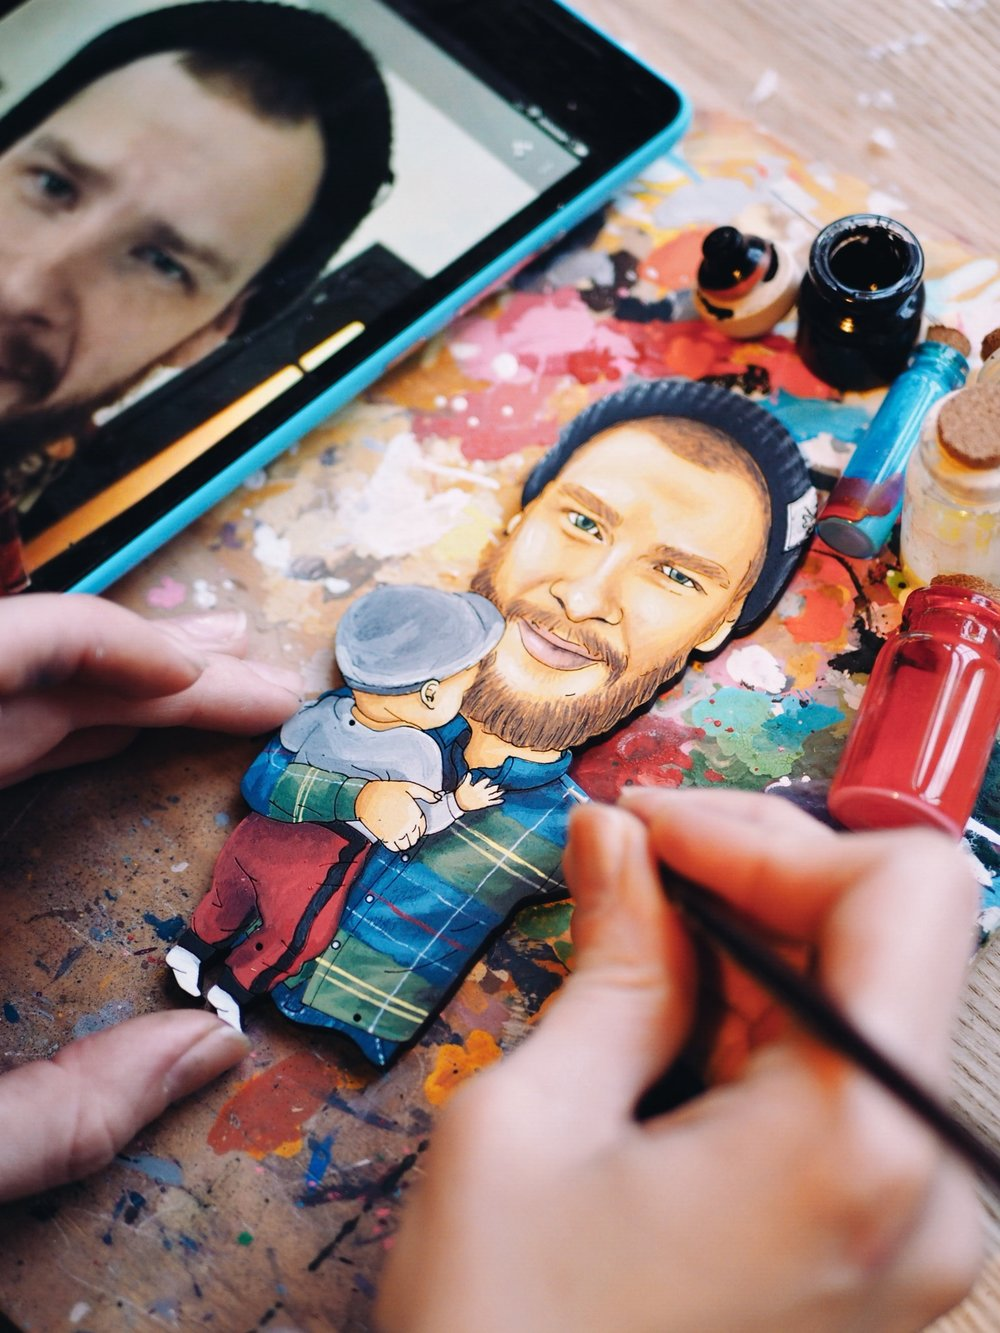 Все руками - Мы берем ваши фотографии, кусок клена и рисуем на нем маленького человека. Очень похожего. Ну прямо очень.